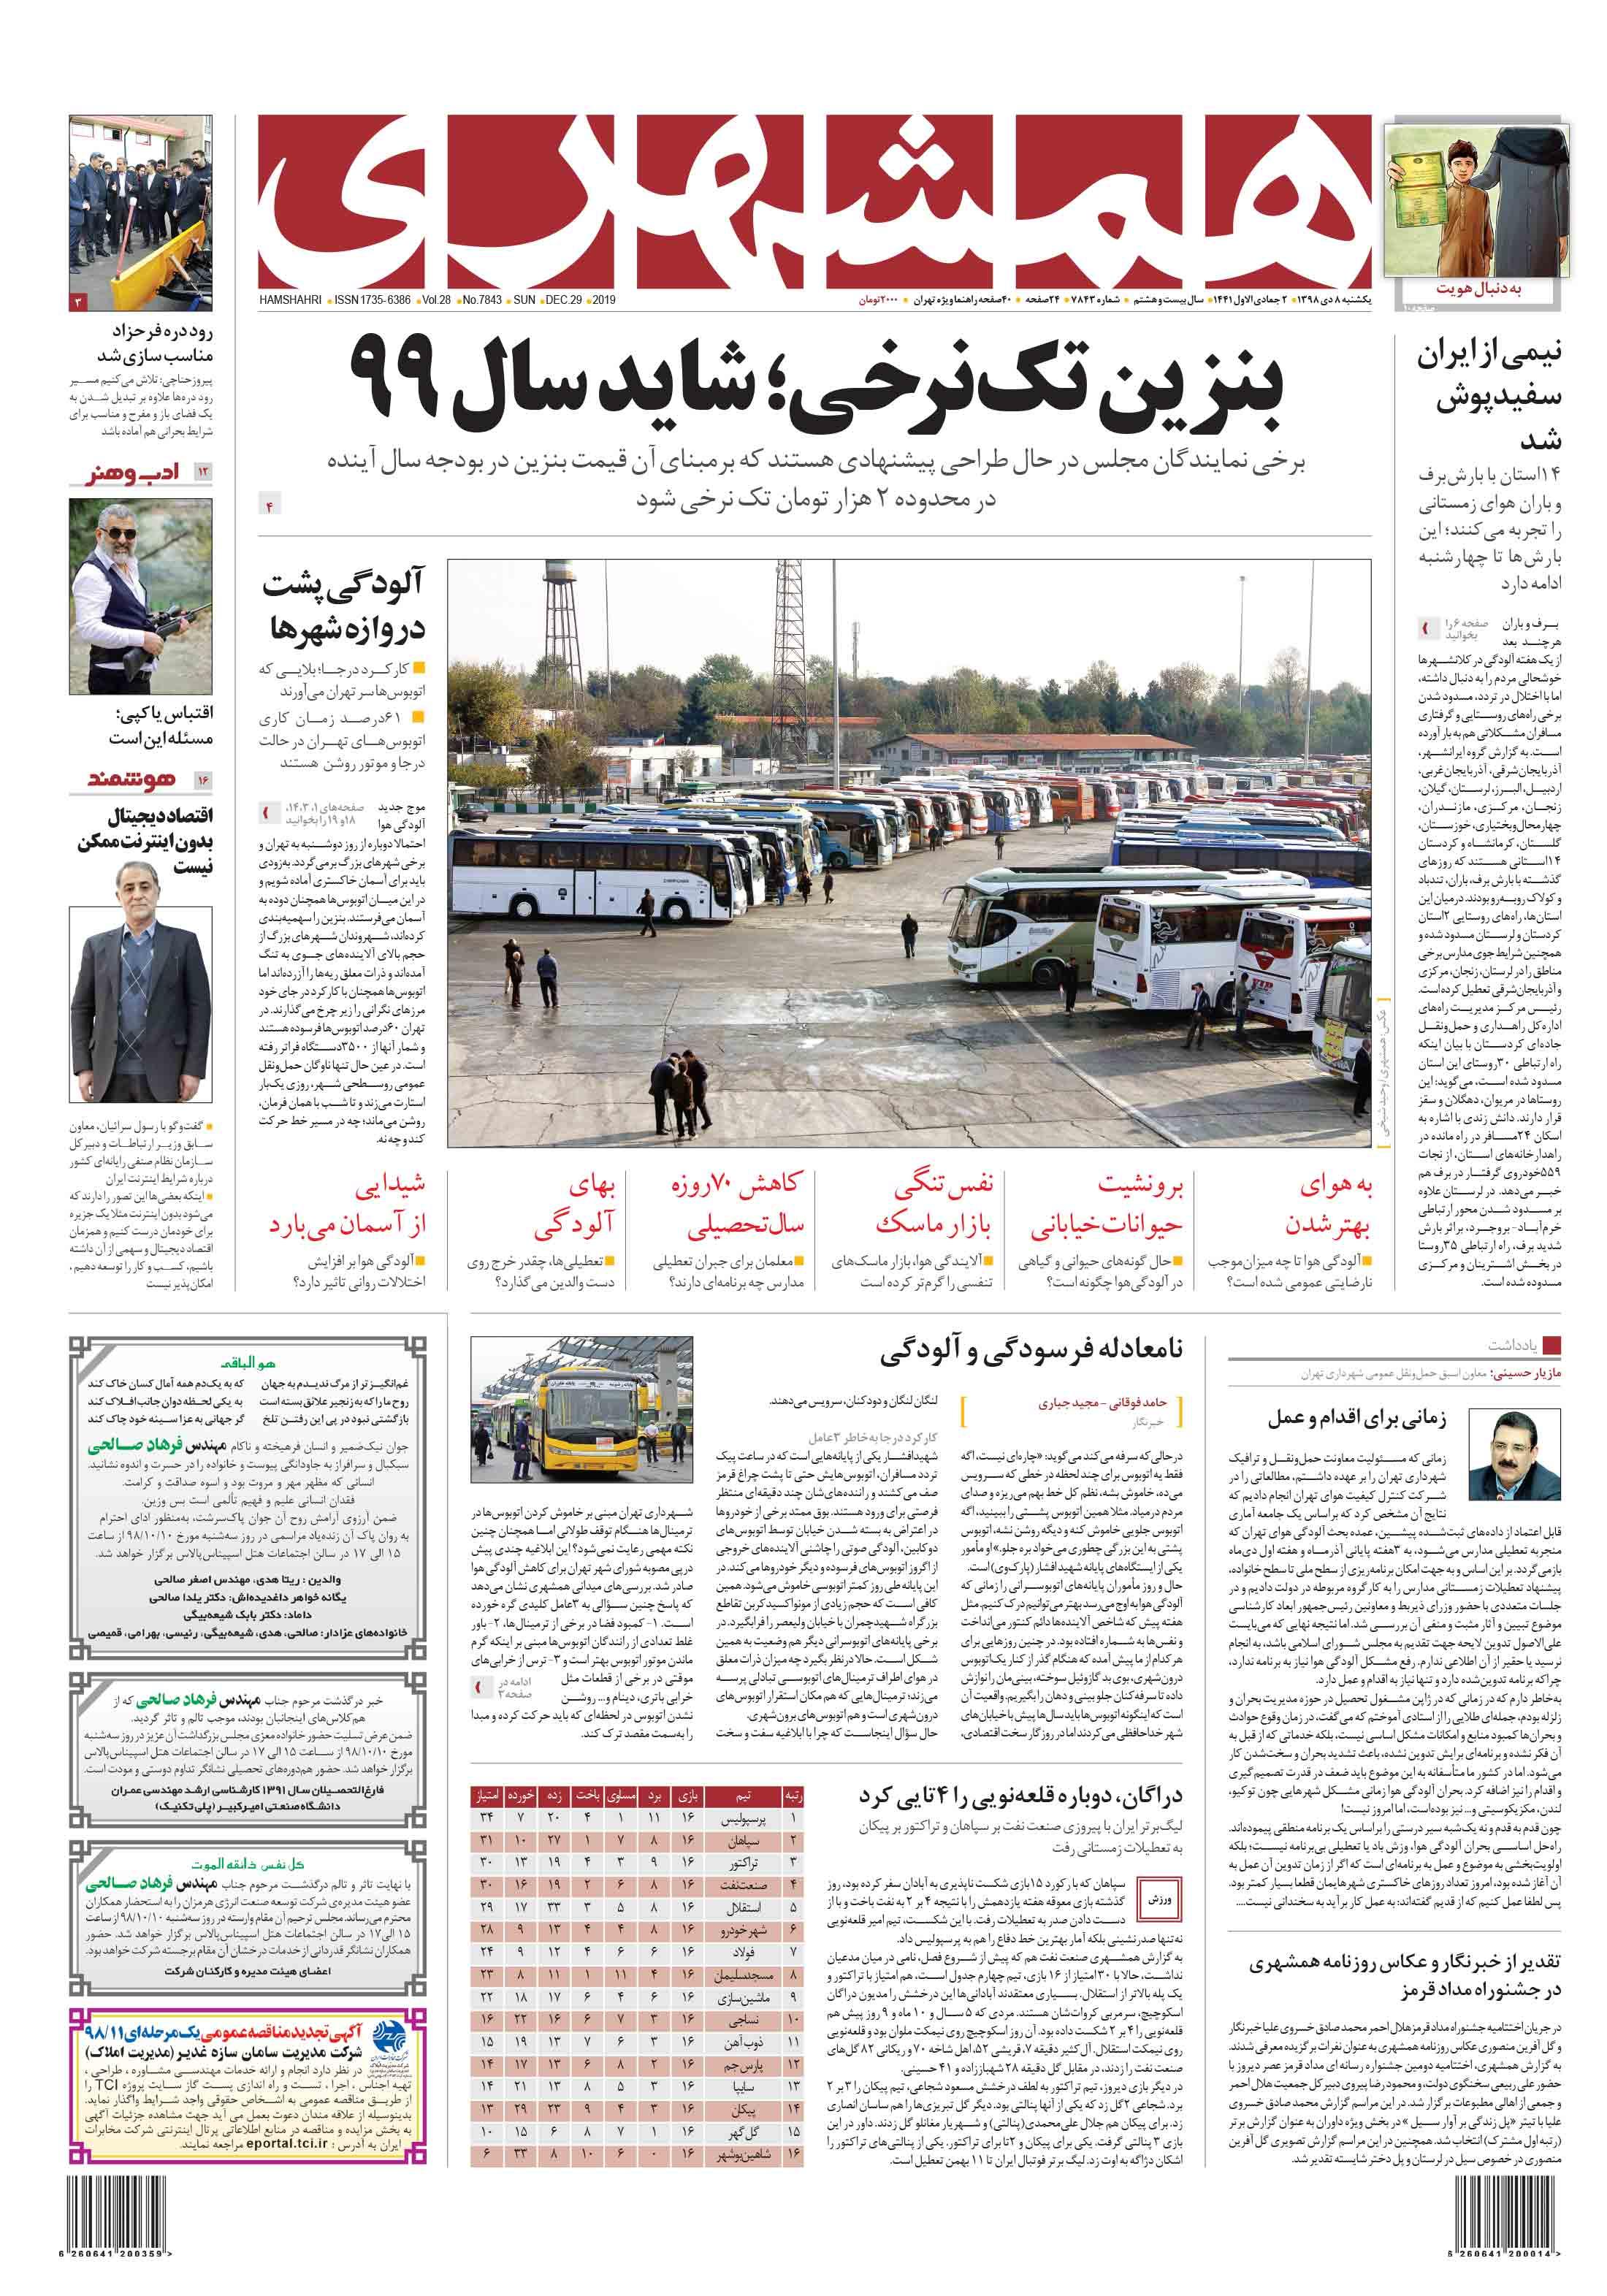 صفحه اول یکشنبه 8 دی 1398